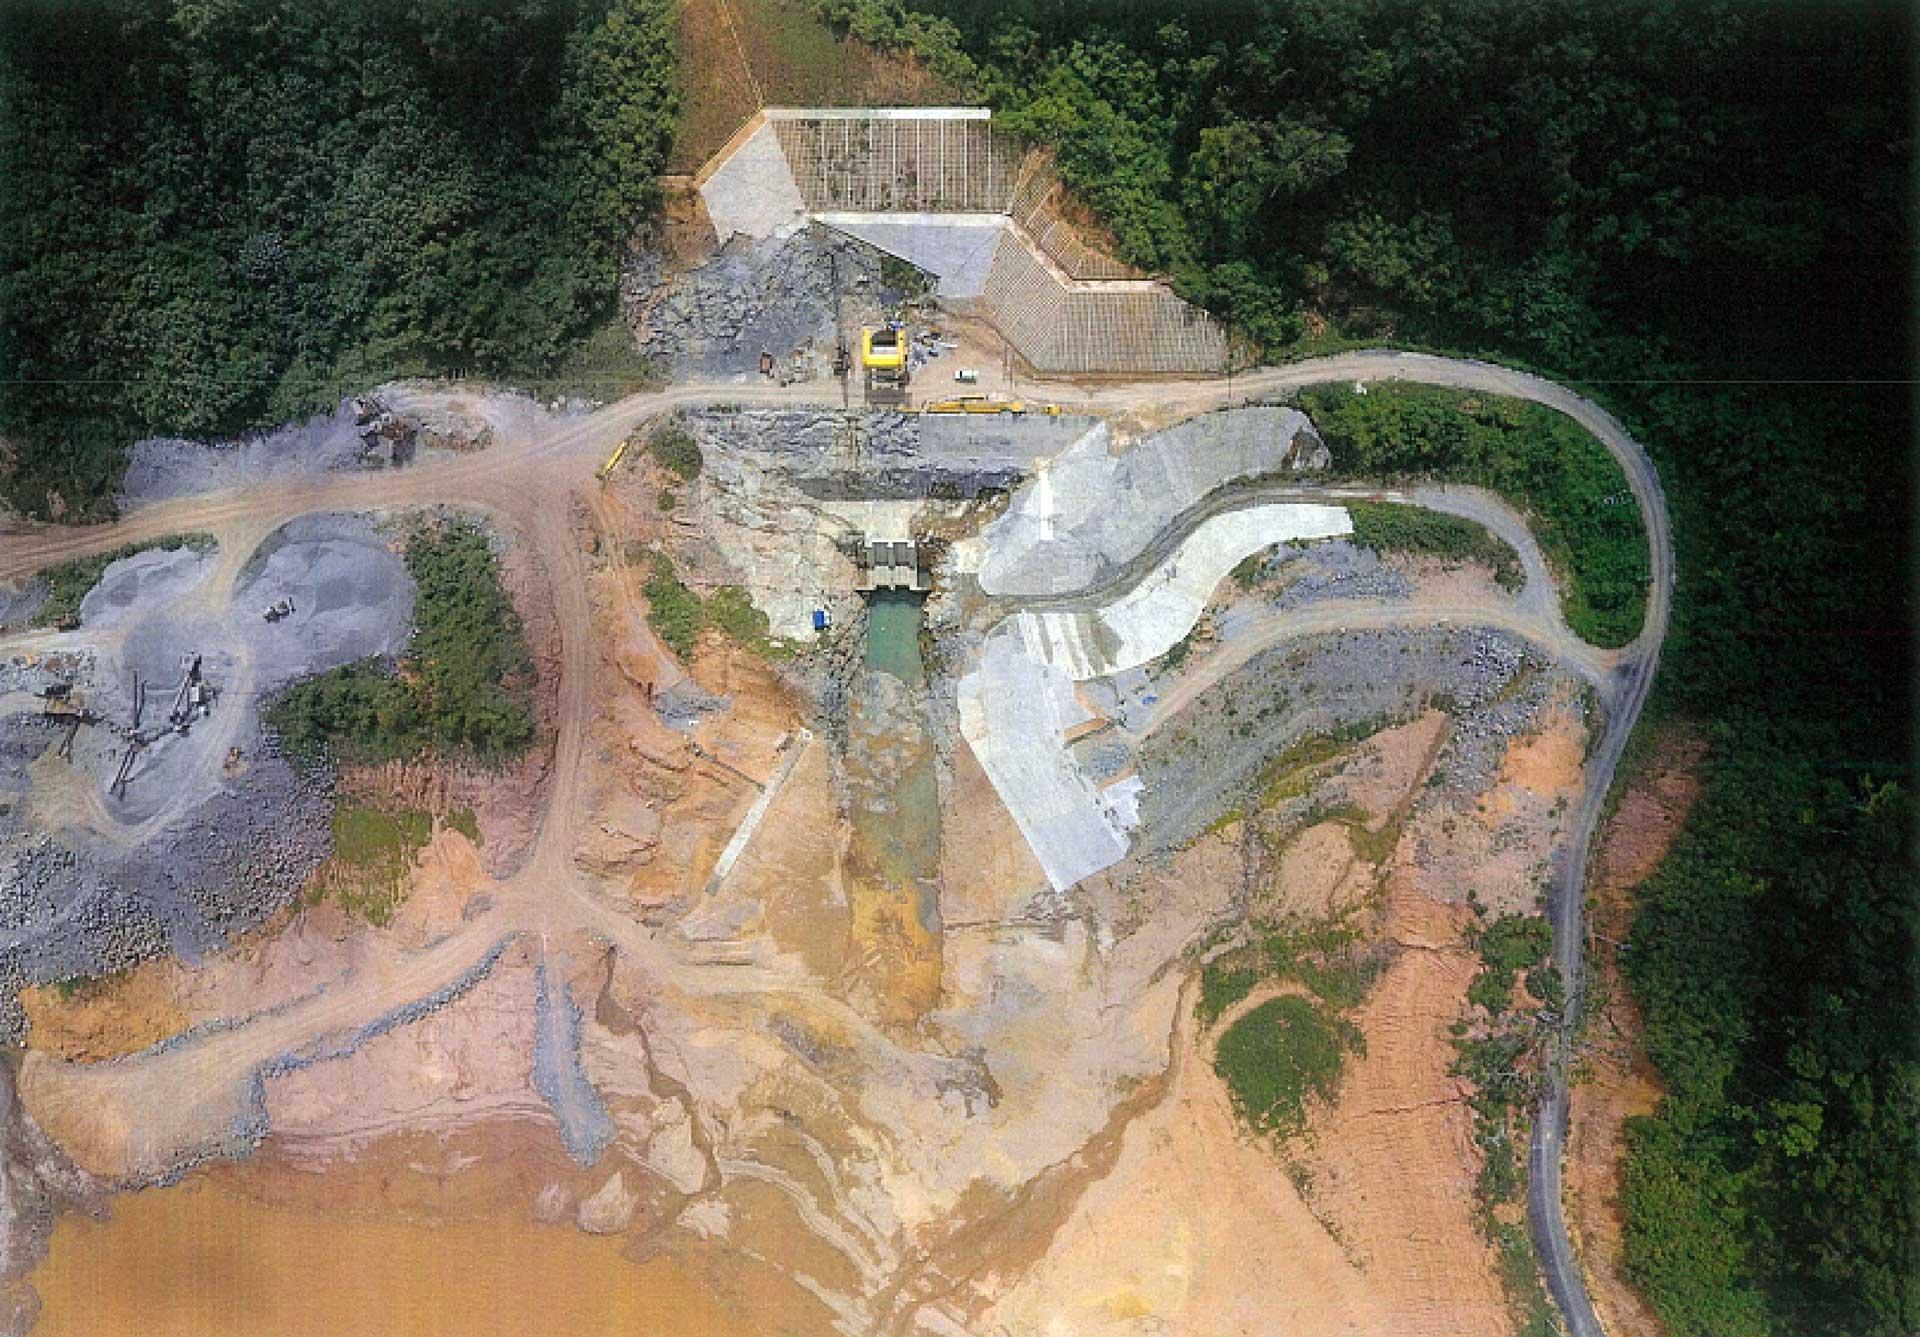 Cập nhật hình ảnh thi công tại Dự án mở rộng Nhà máy thủy điện Đa Nhim